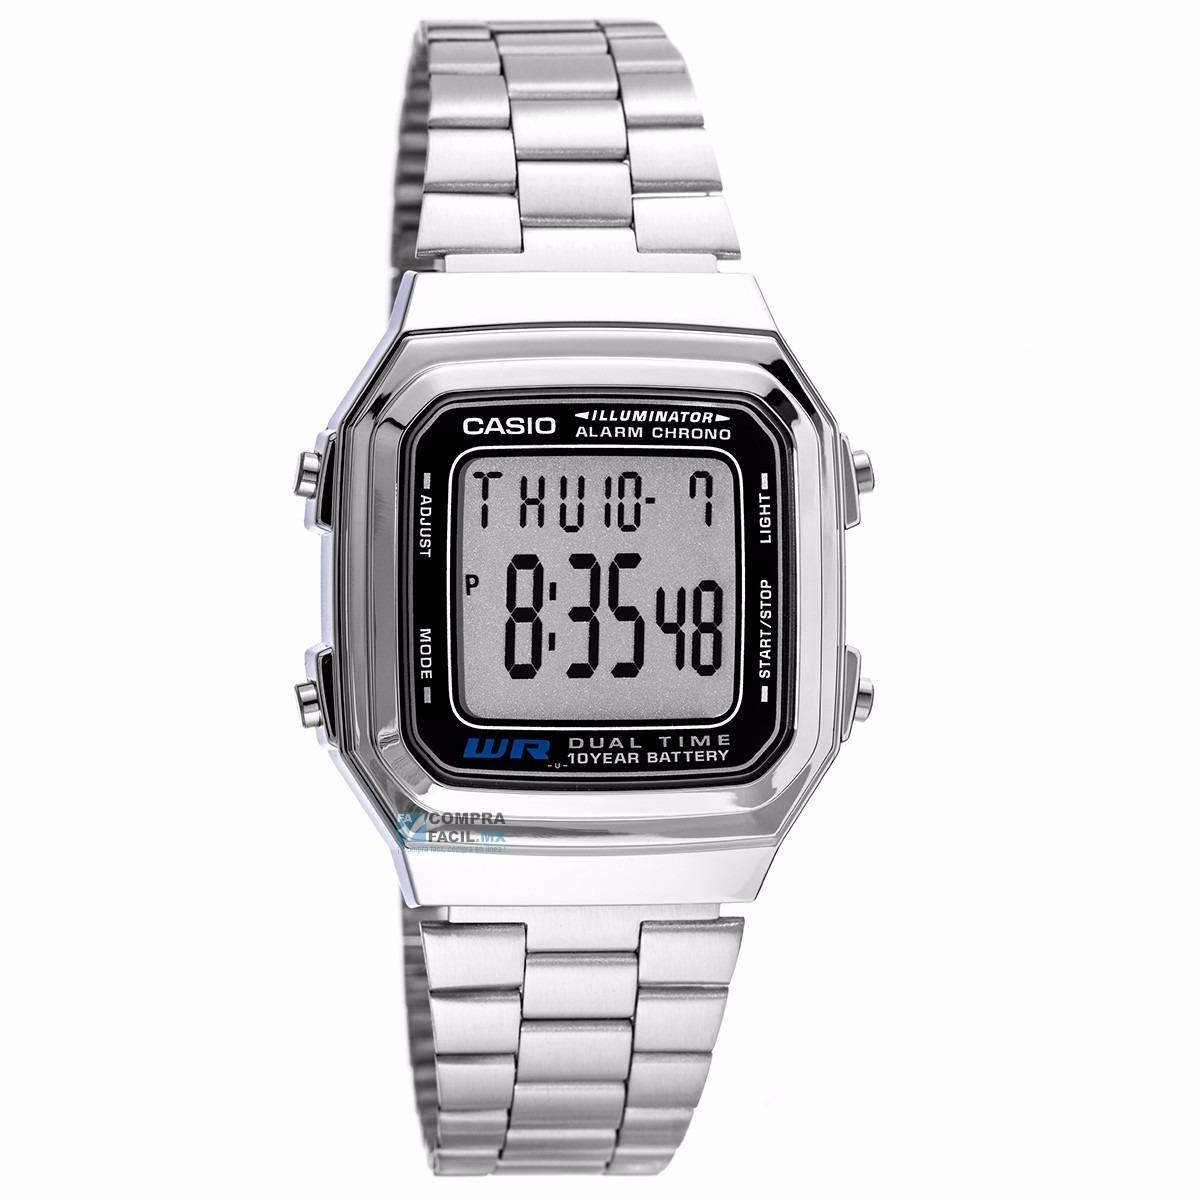 e38170d4f187 Reloj Casio A178w Acero Nuevo Y Original -   465.00 en Mercado Libre